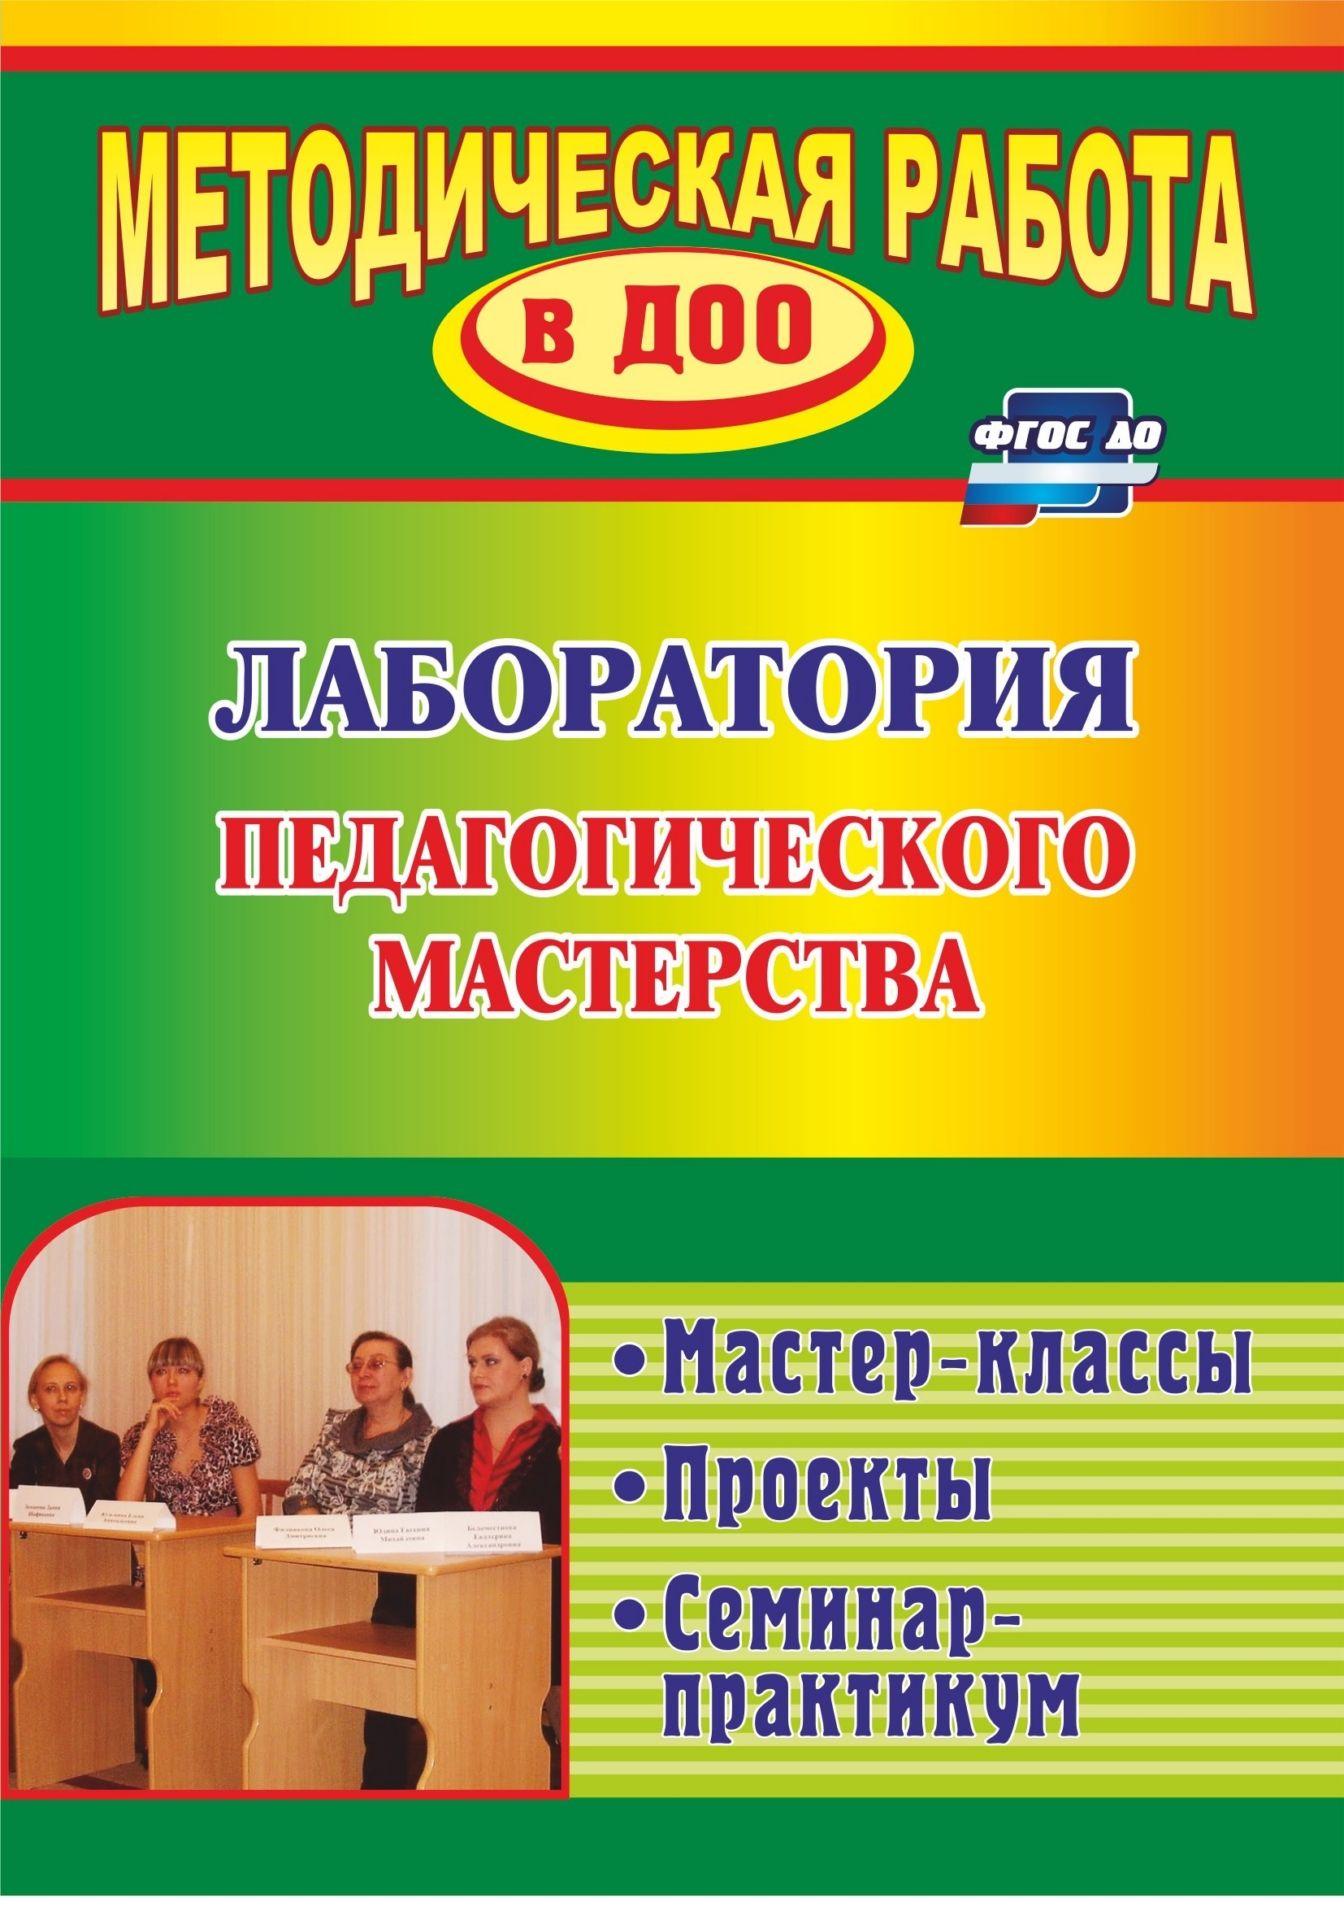 Лаборатория педагогического мастерства: мастер-классы, проекты, семинар-практикум